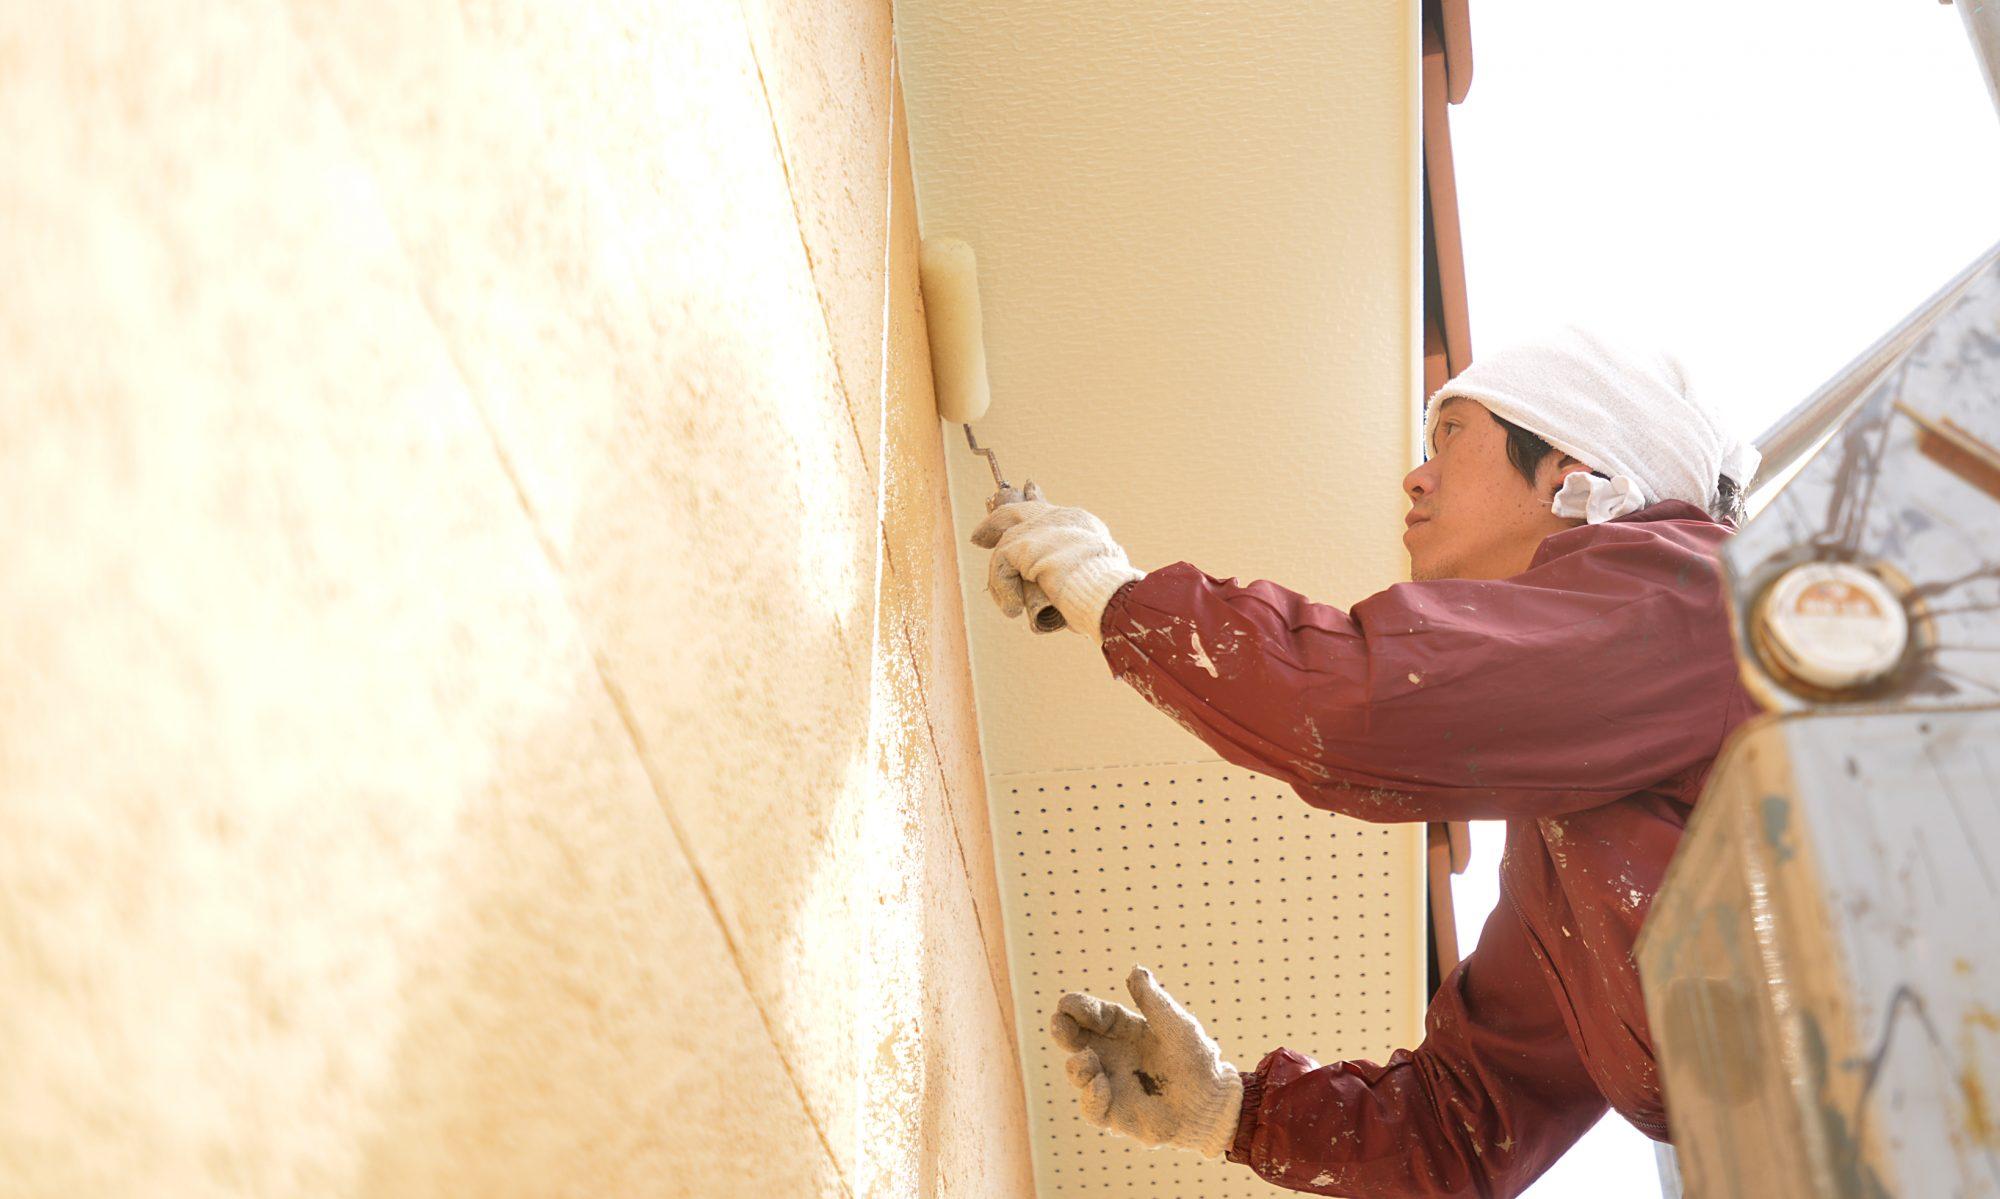 岡山の外壁塗装工事会社 | ジー・ペイント株式会社